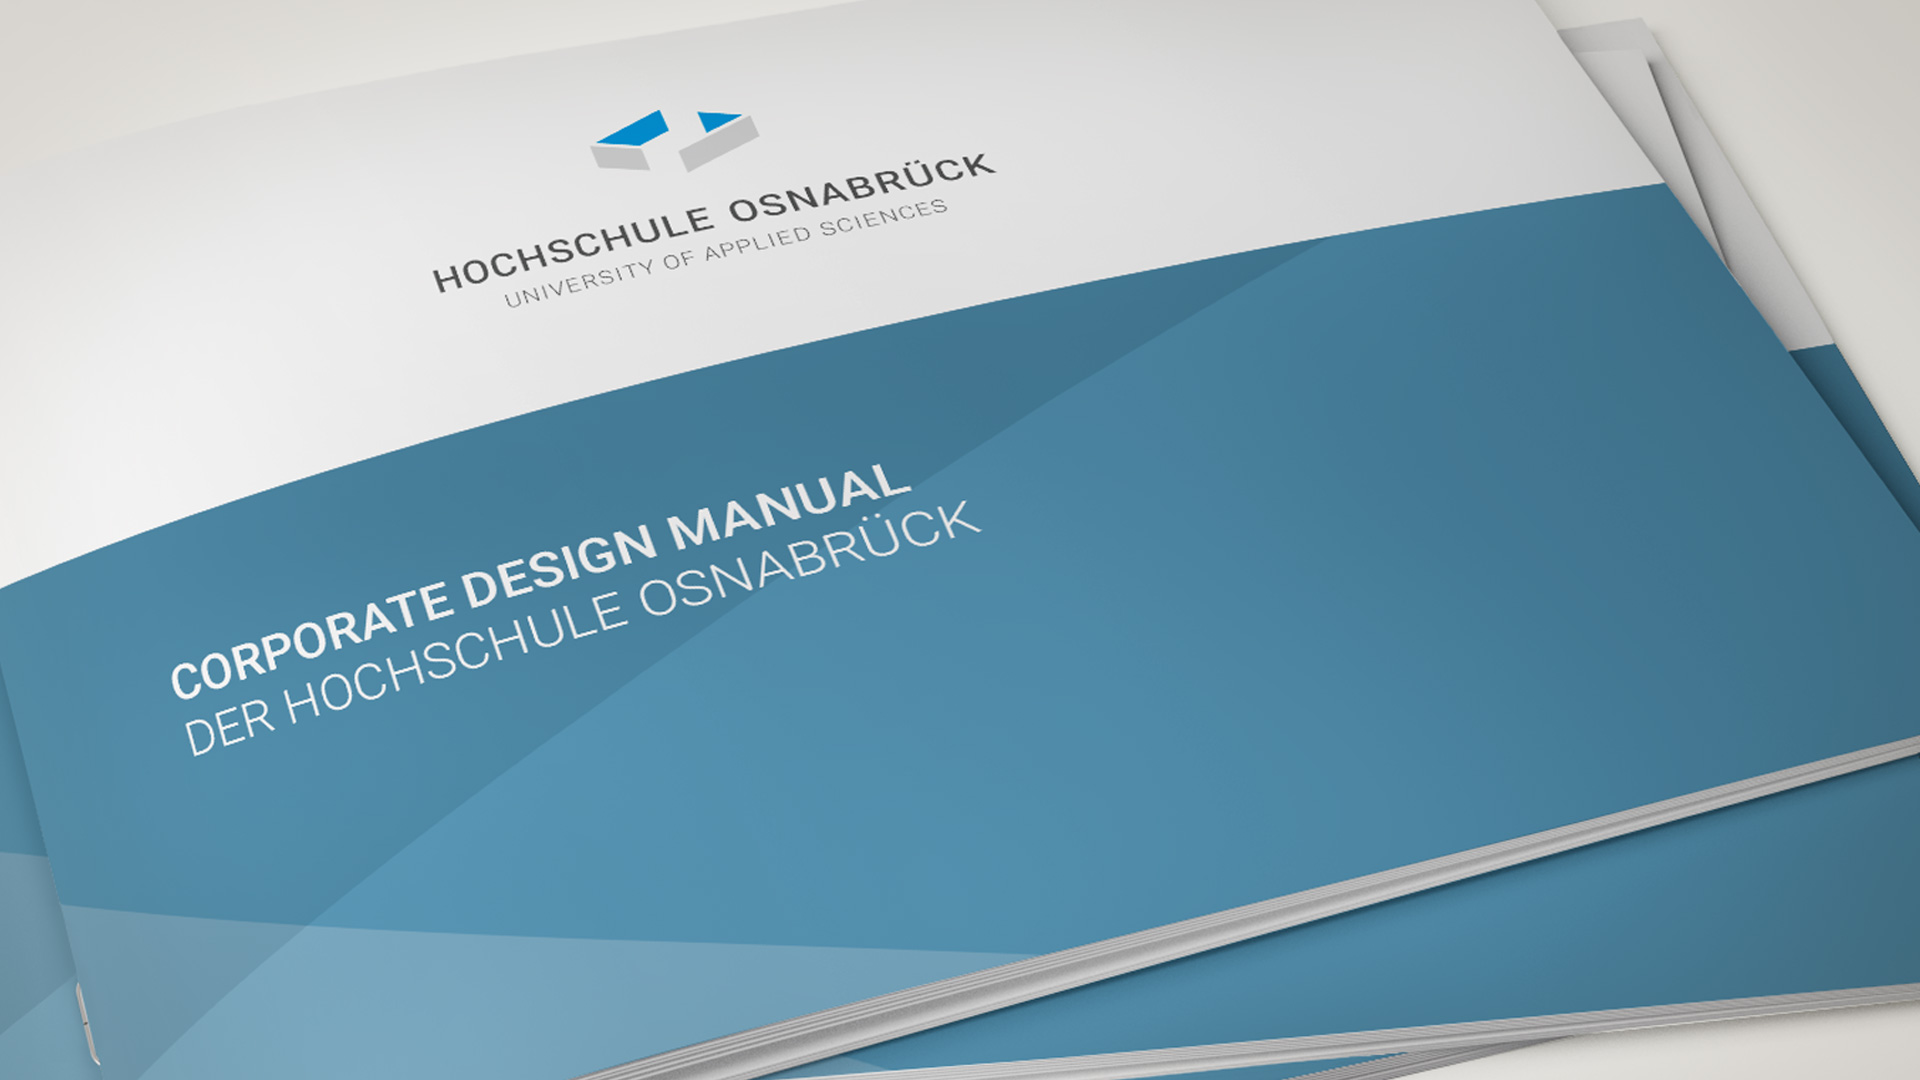 artventura-Projekt Corporate Design Entwicklung der Hochschule Osnabrück:Titelseite des Design-Handbuches